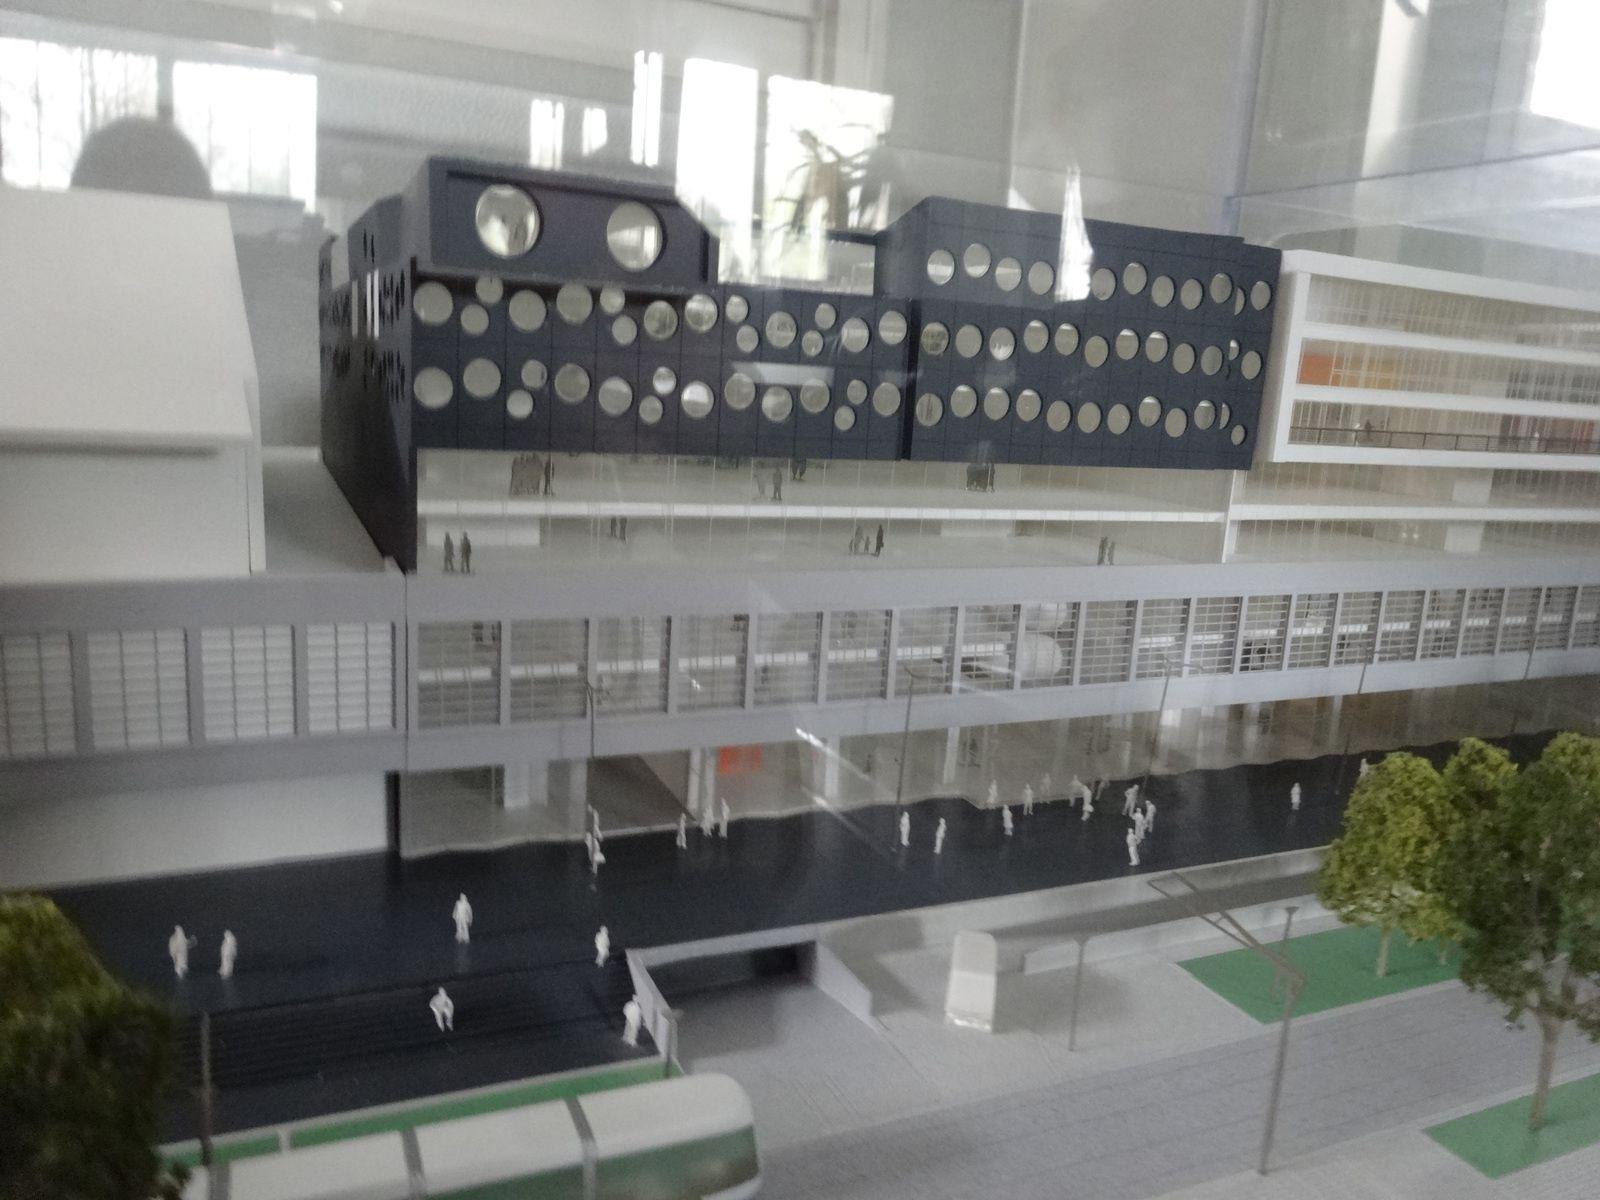 Entrepôt Macdonald : les acteurs de l'opération (maitre d'ouvrage, architectes, entreprises...) et la maquette du site - Photos ASA PNE